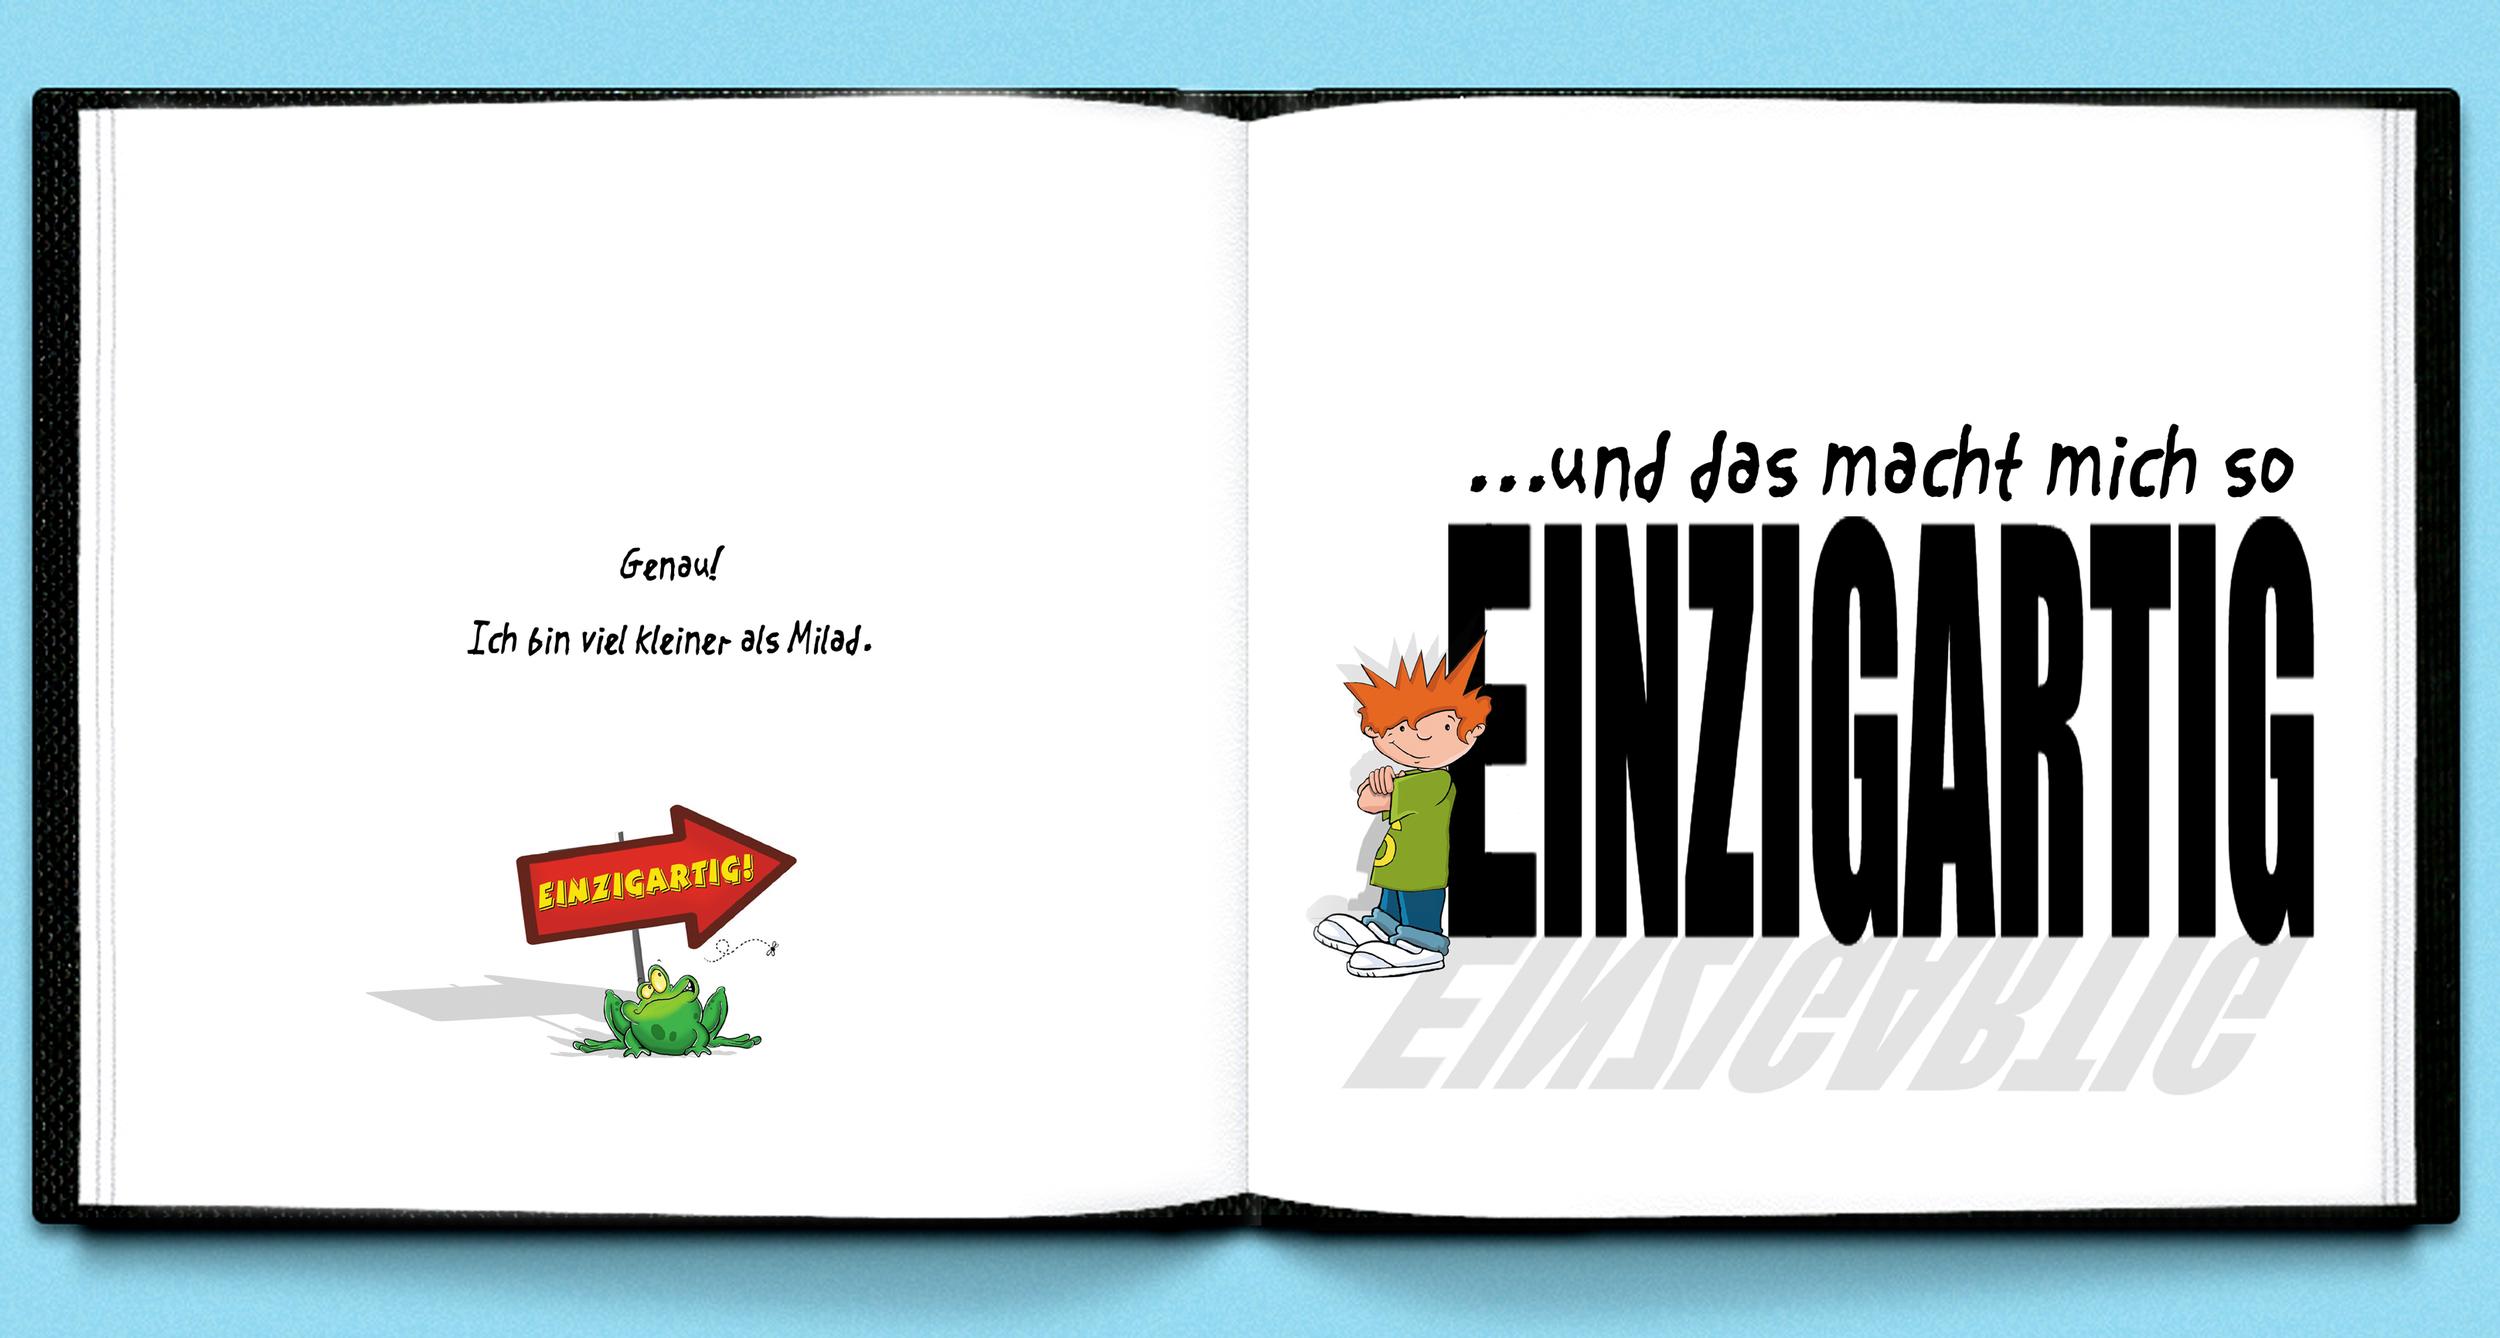 BOOK UD German 4.jpg